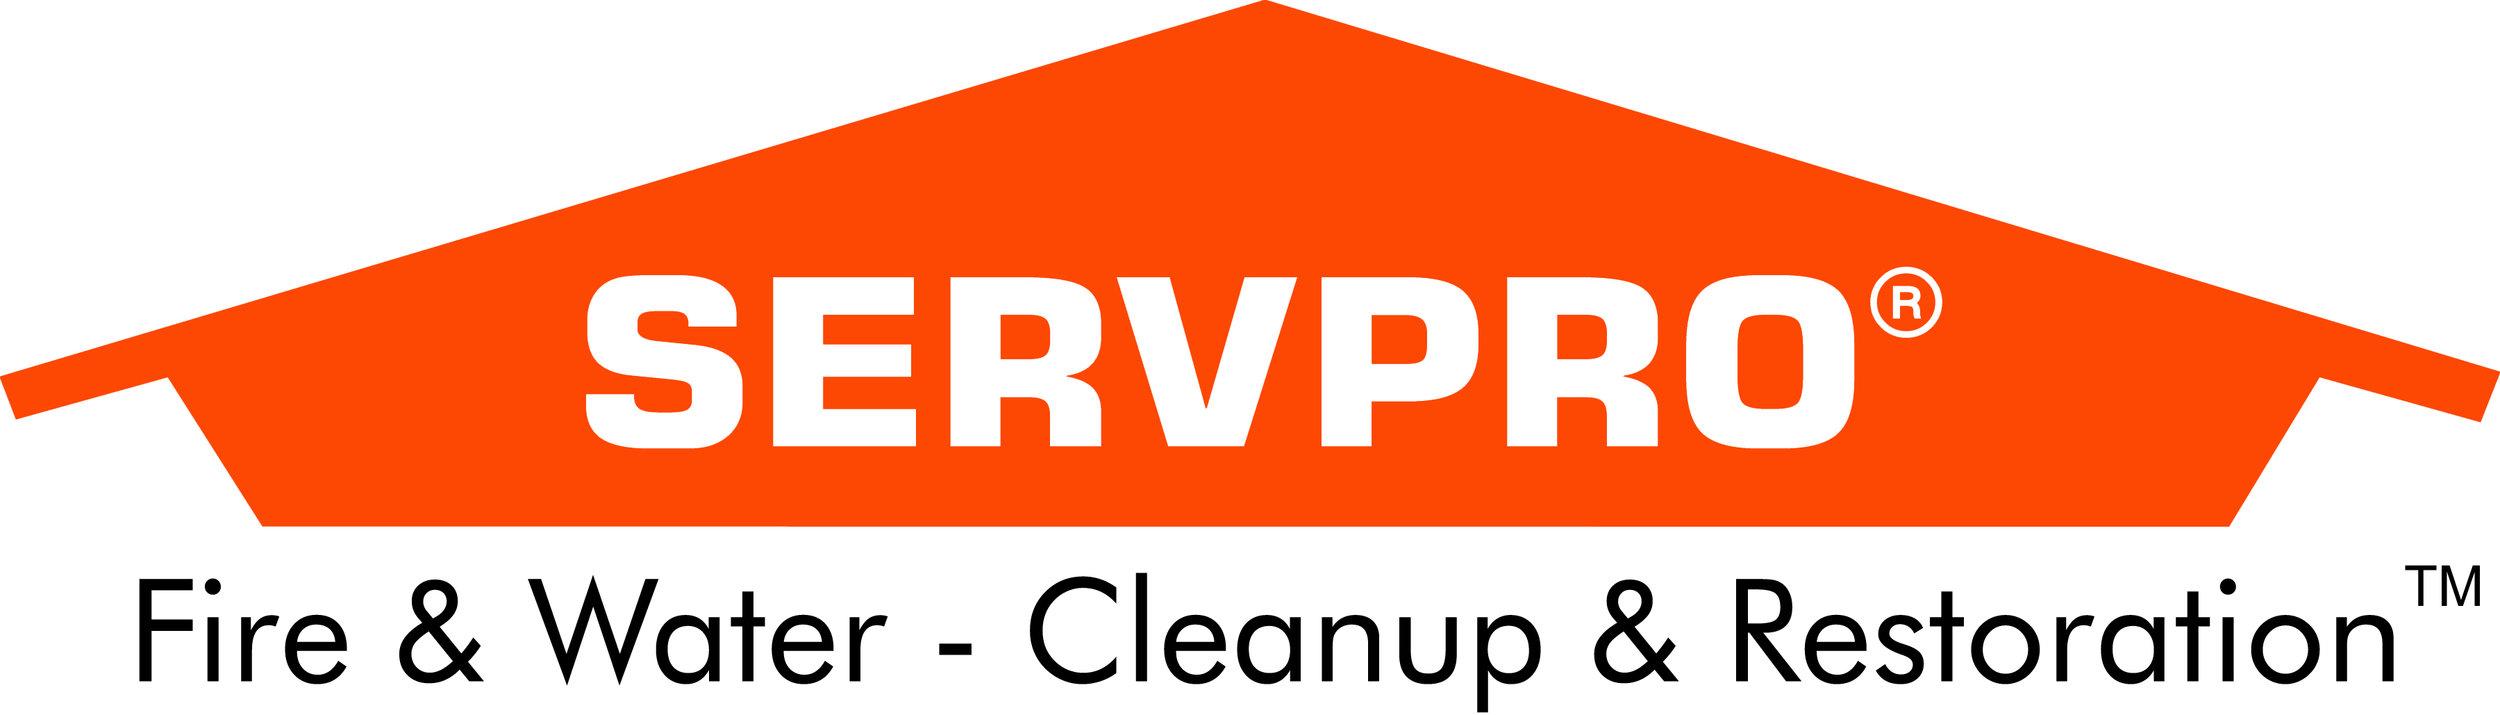 88792352_SERVPRO Logo large.jpg